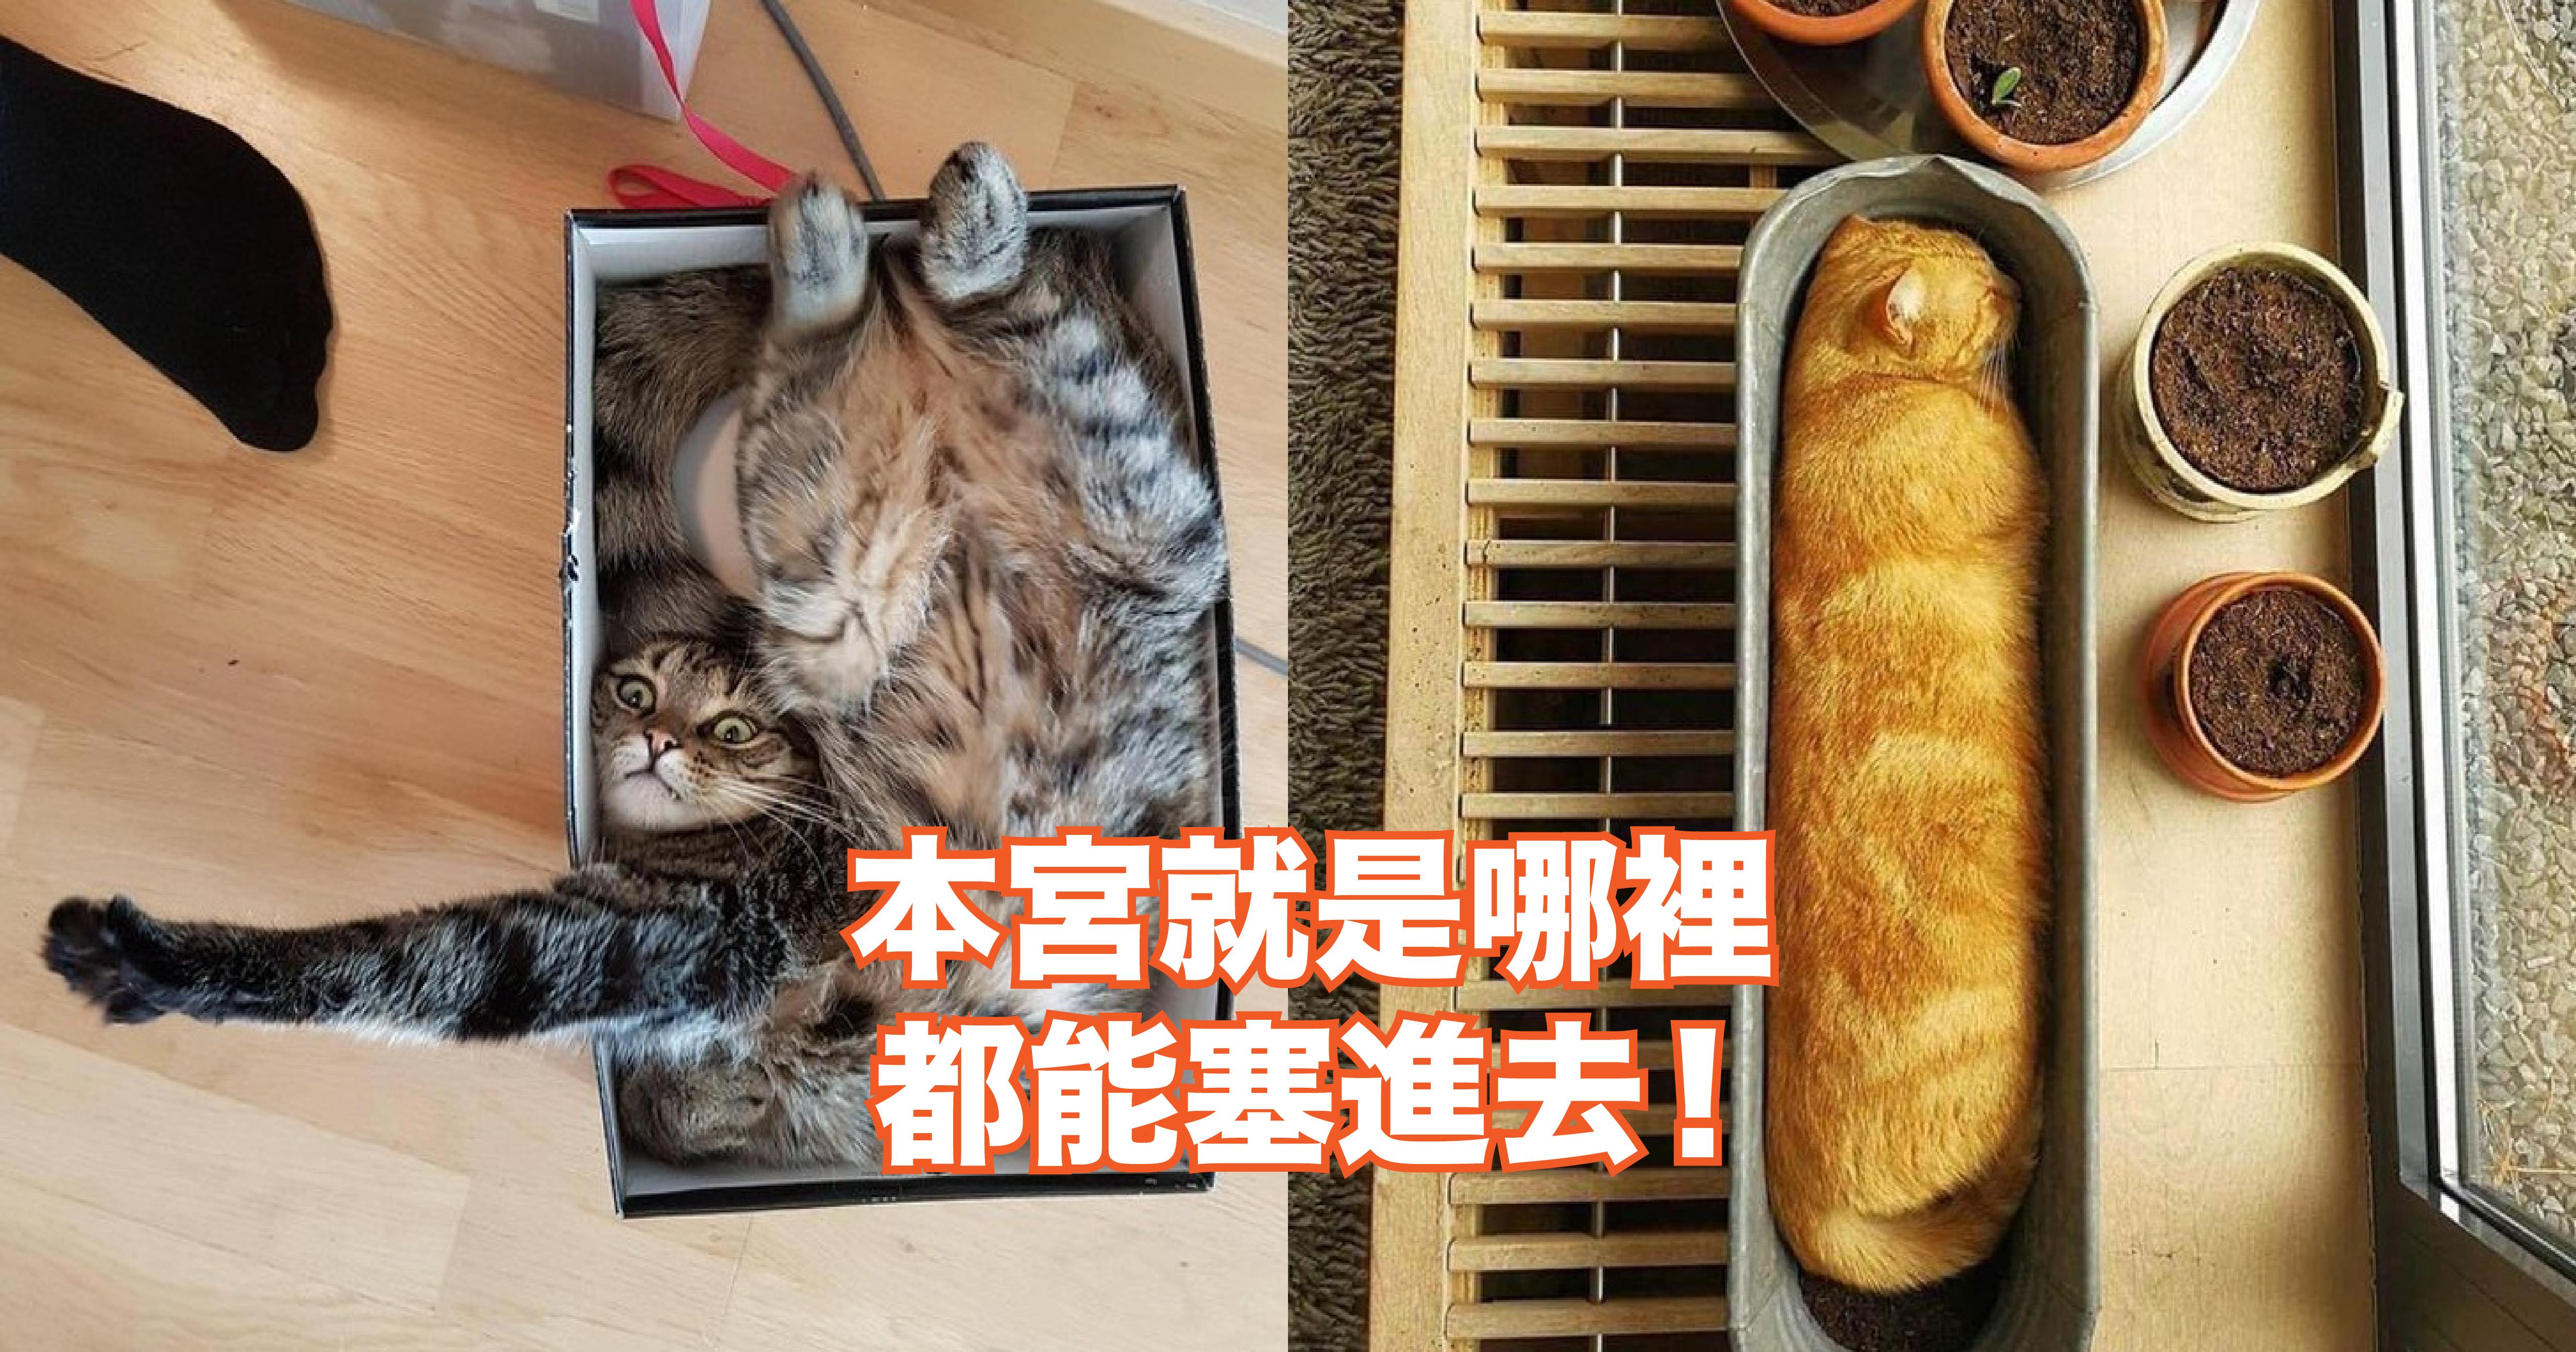 0.png - 【超療癒貓咪圖輯】再度驗證「喵喵」沒有骨頭這回事...牠們真的哪裡都能塞進去!